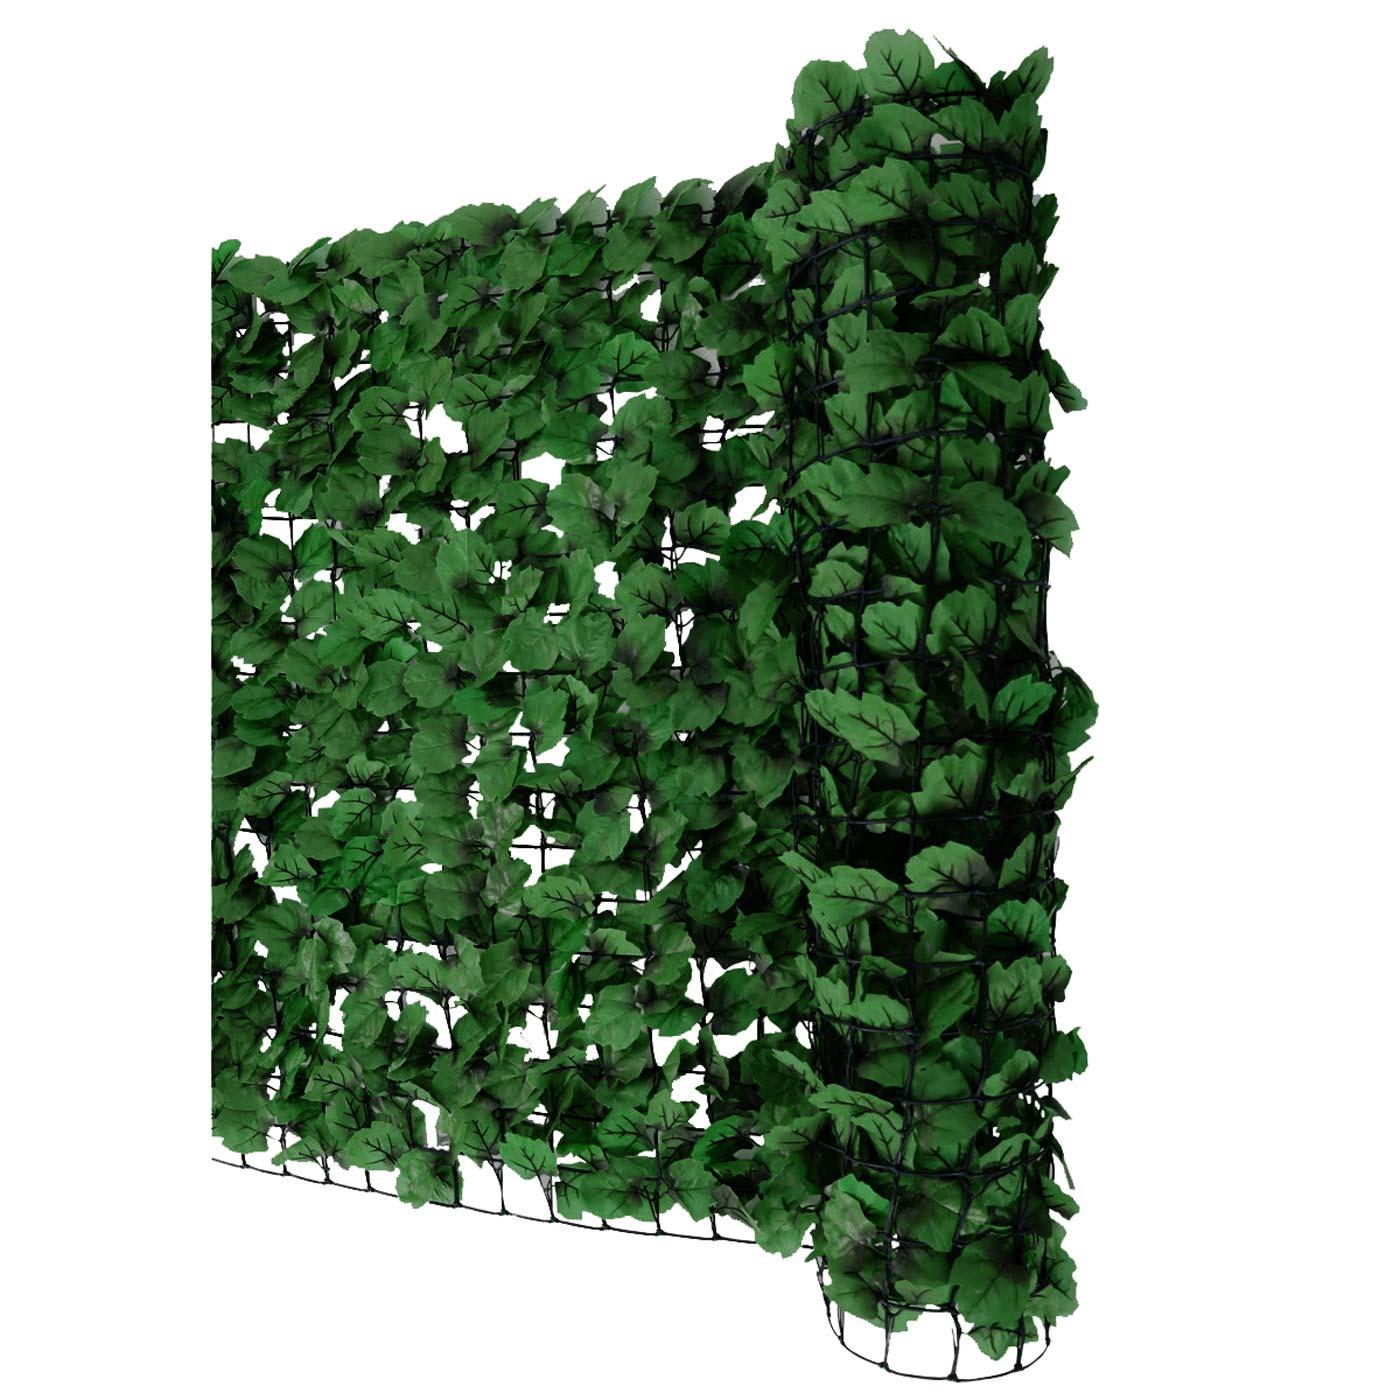 sichtschutz windschutz verkleidung f r balkon terrasse zaun ebay. Black Bedroom Furniture Sets. Home Design Ideas